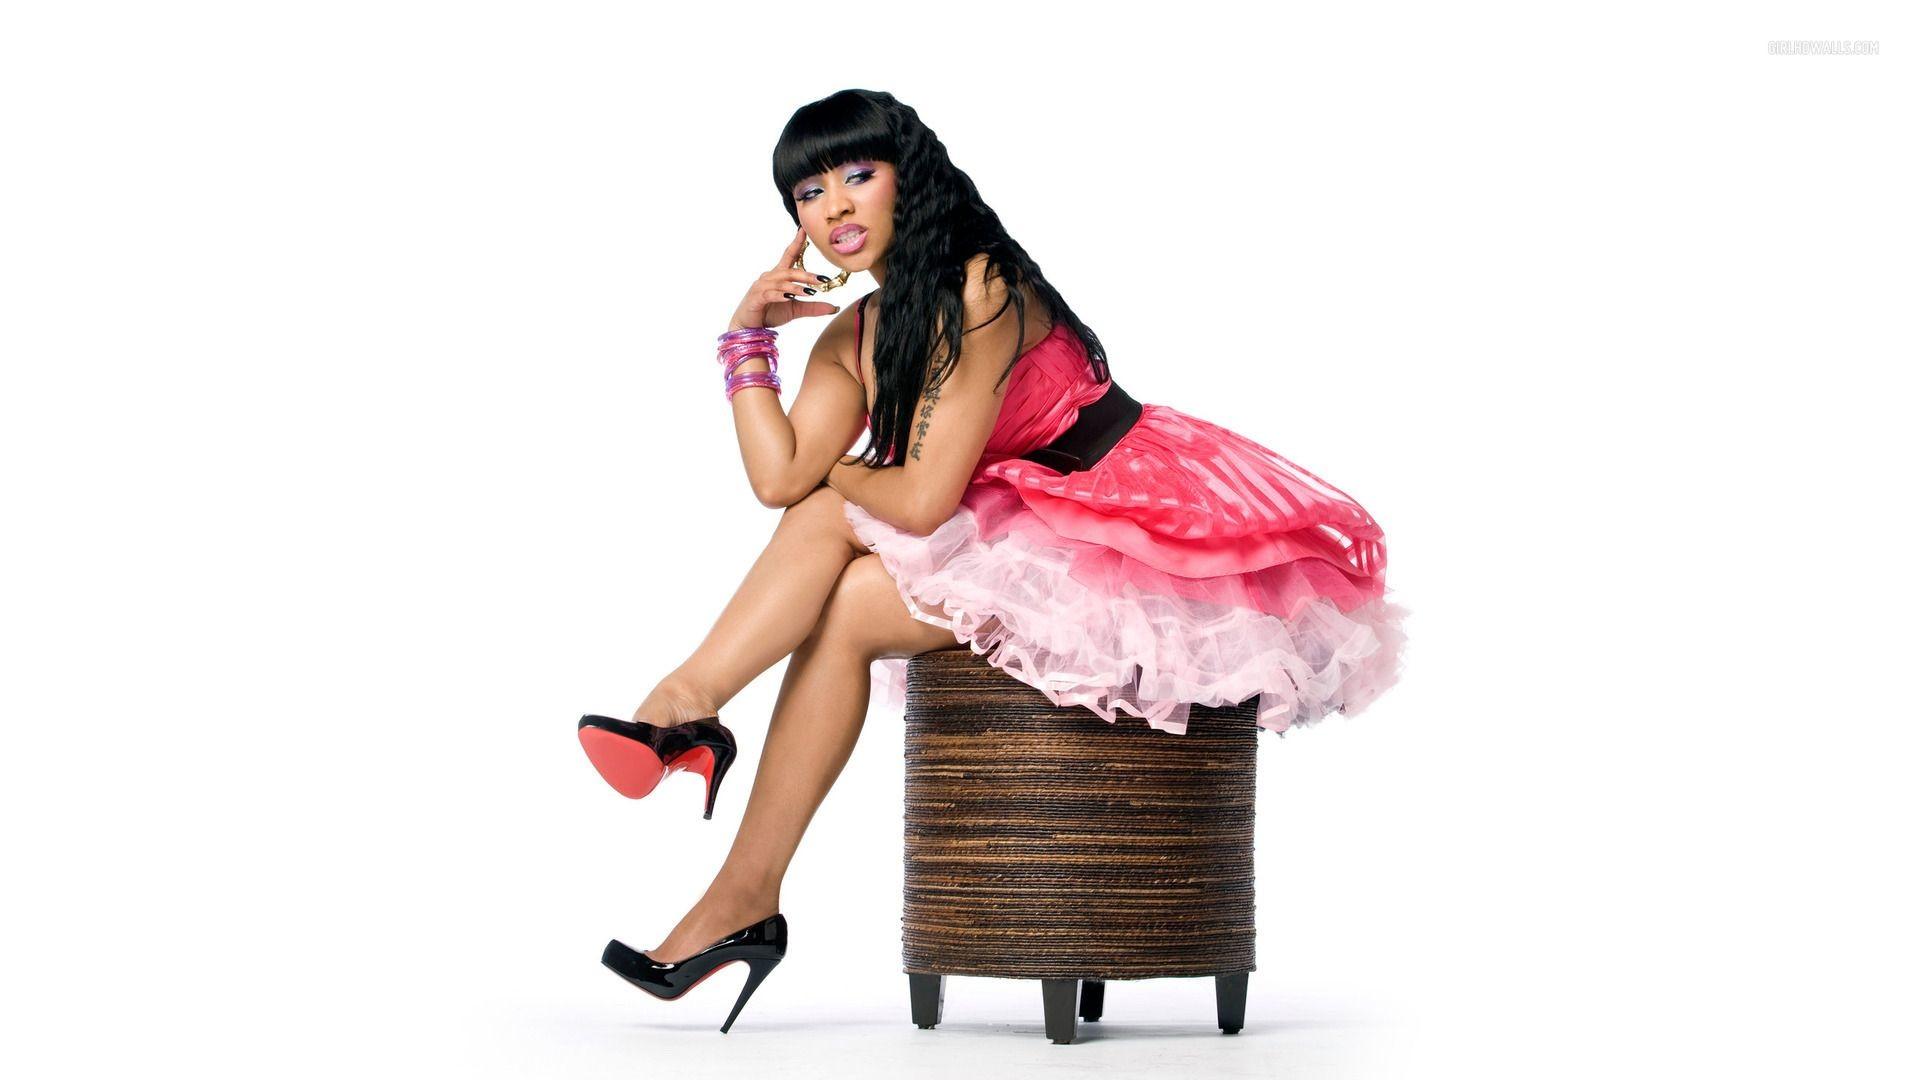 Res: 1920x1080, Nicki Minaj HD Wallpaper 1920×1080 Free Nicki Minaj Wallpapers Download (36  Wallpapers)